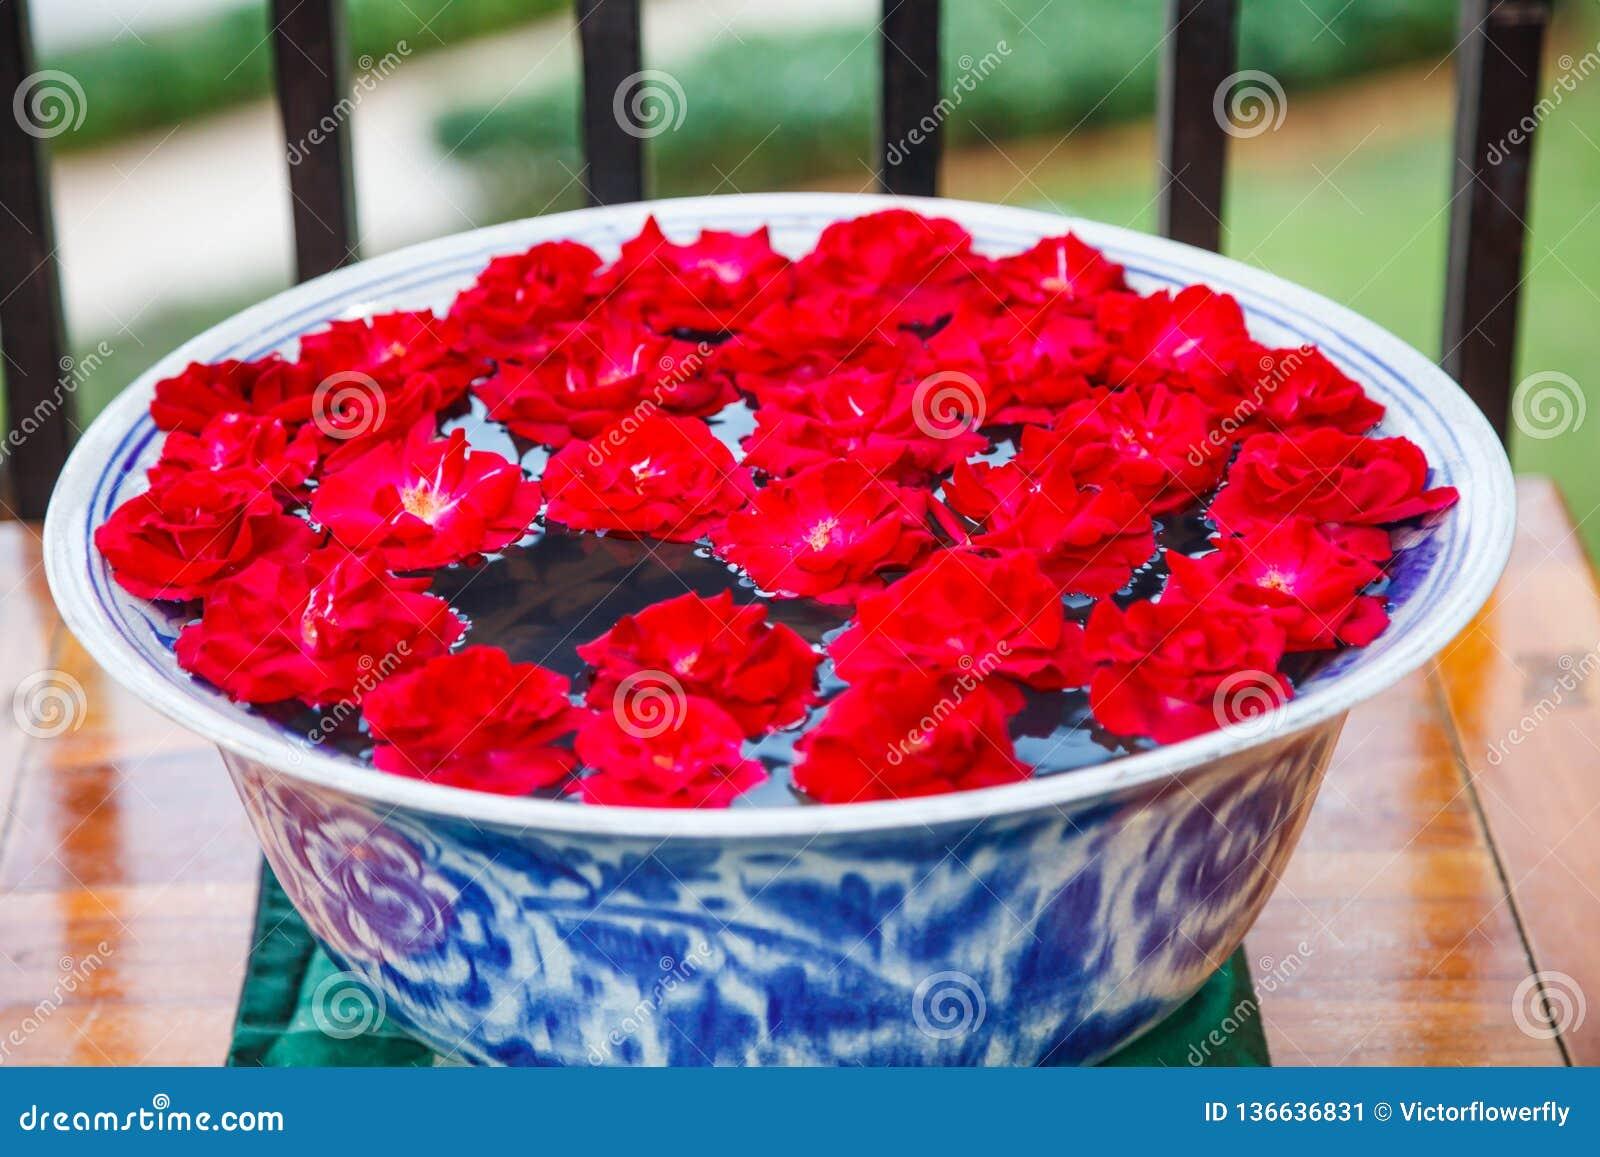 传统亚洲泰国建筑室内设计:有手工制造开花的红色庭院的装饰的陶瓷瓷碗上升了